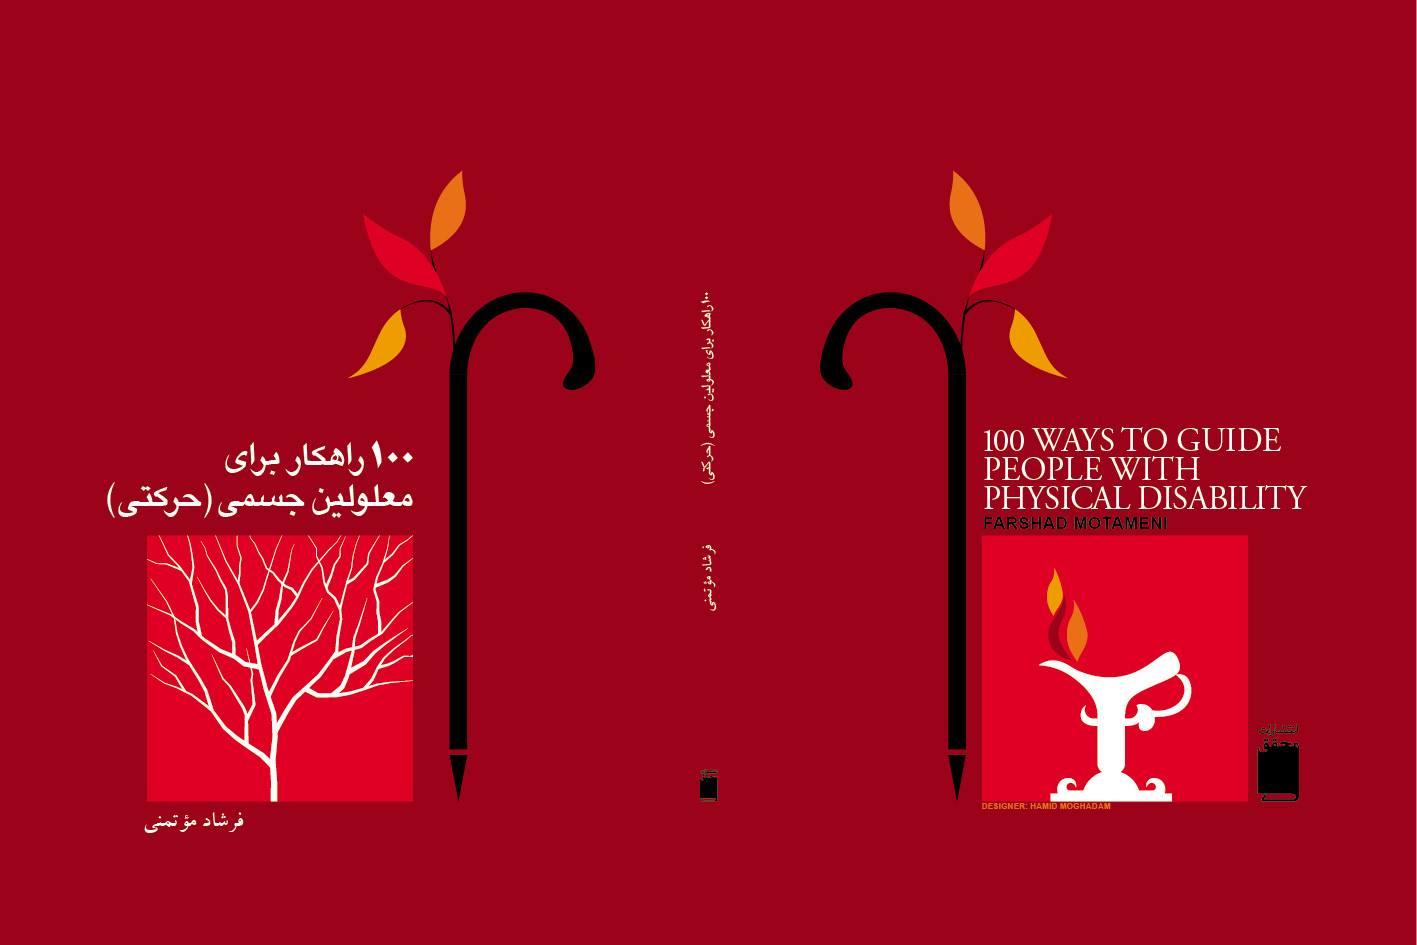 کتاب، فرشاد موتمنی، محمدرضا شاهی   ر و ز + نـا مـــه